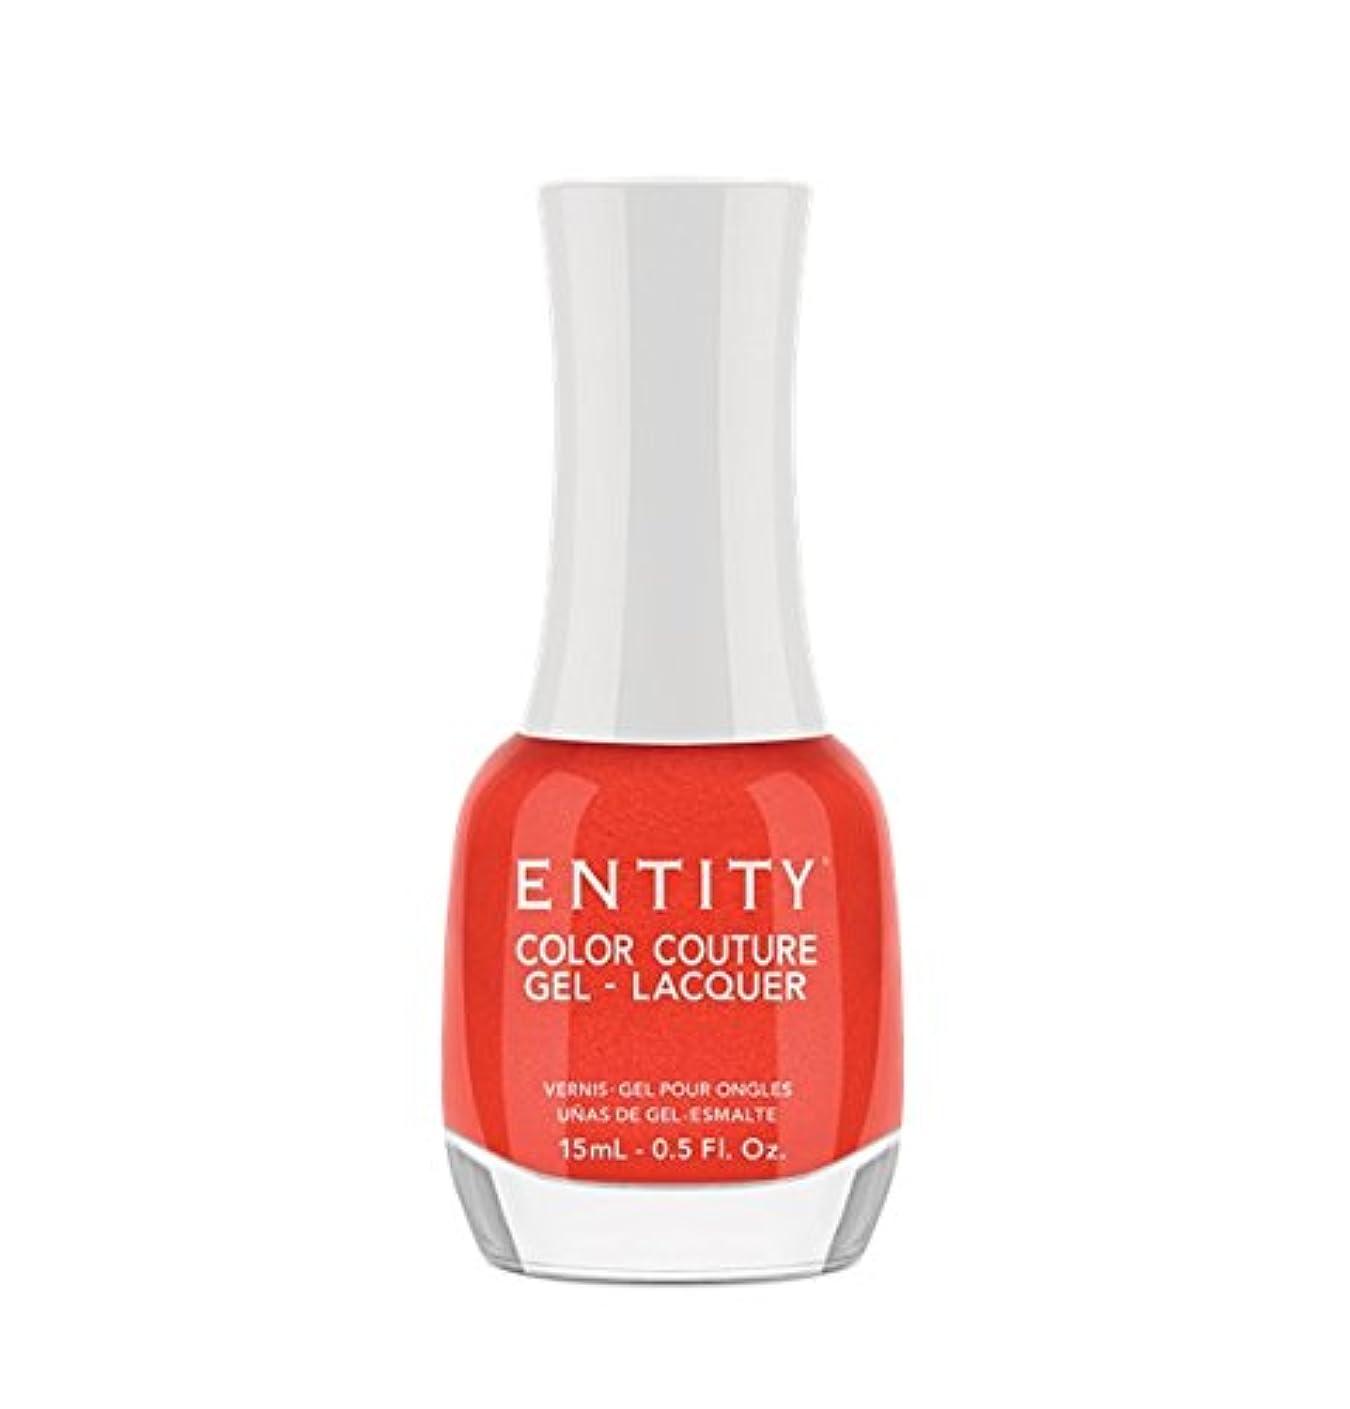 甘い飢えた債権者Entity Color Couture Gel-Lacquer - Divalicious - 15 ml/0.5 oz